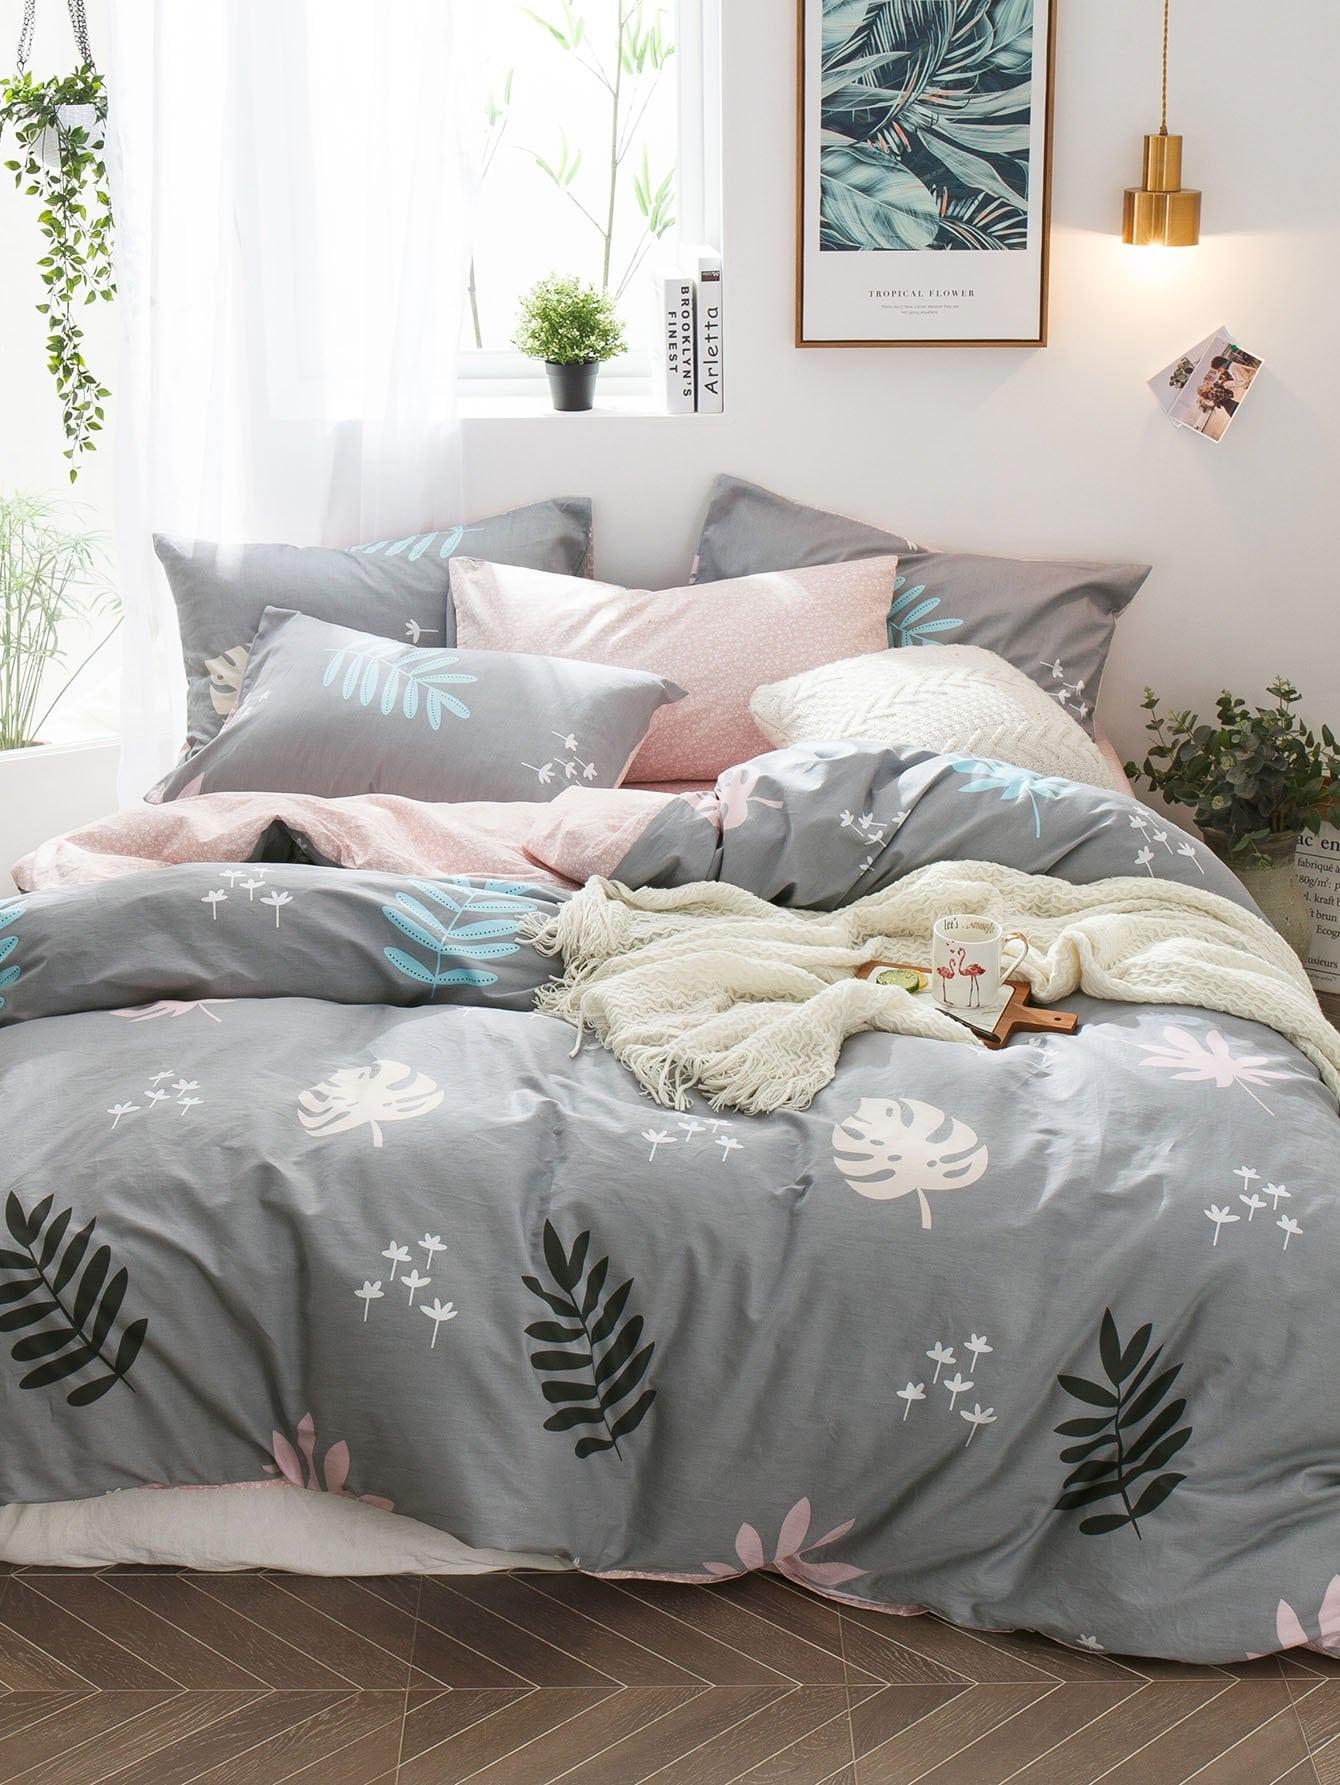 Купить Комплект постельного белья с принтом листьев, null, SheIn